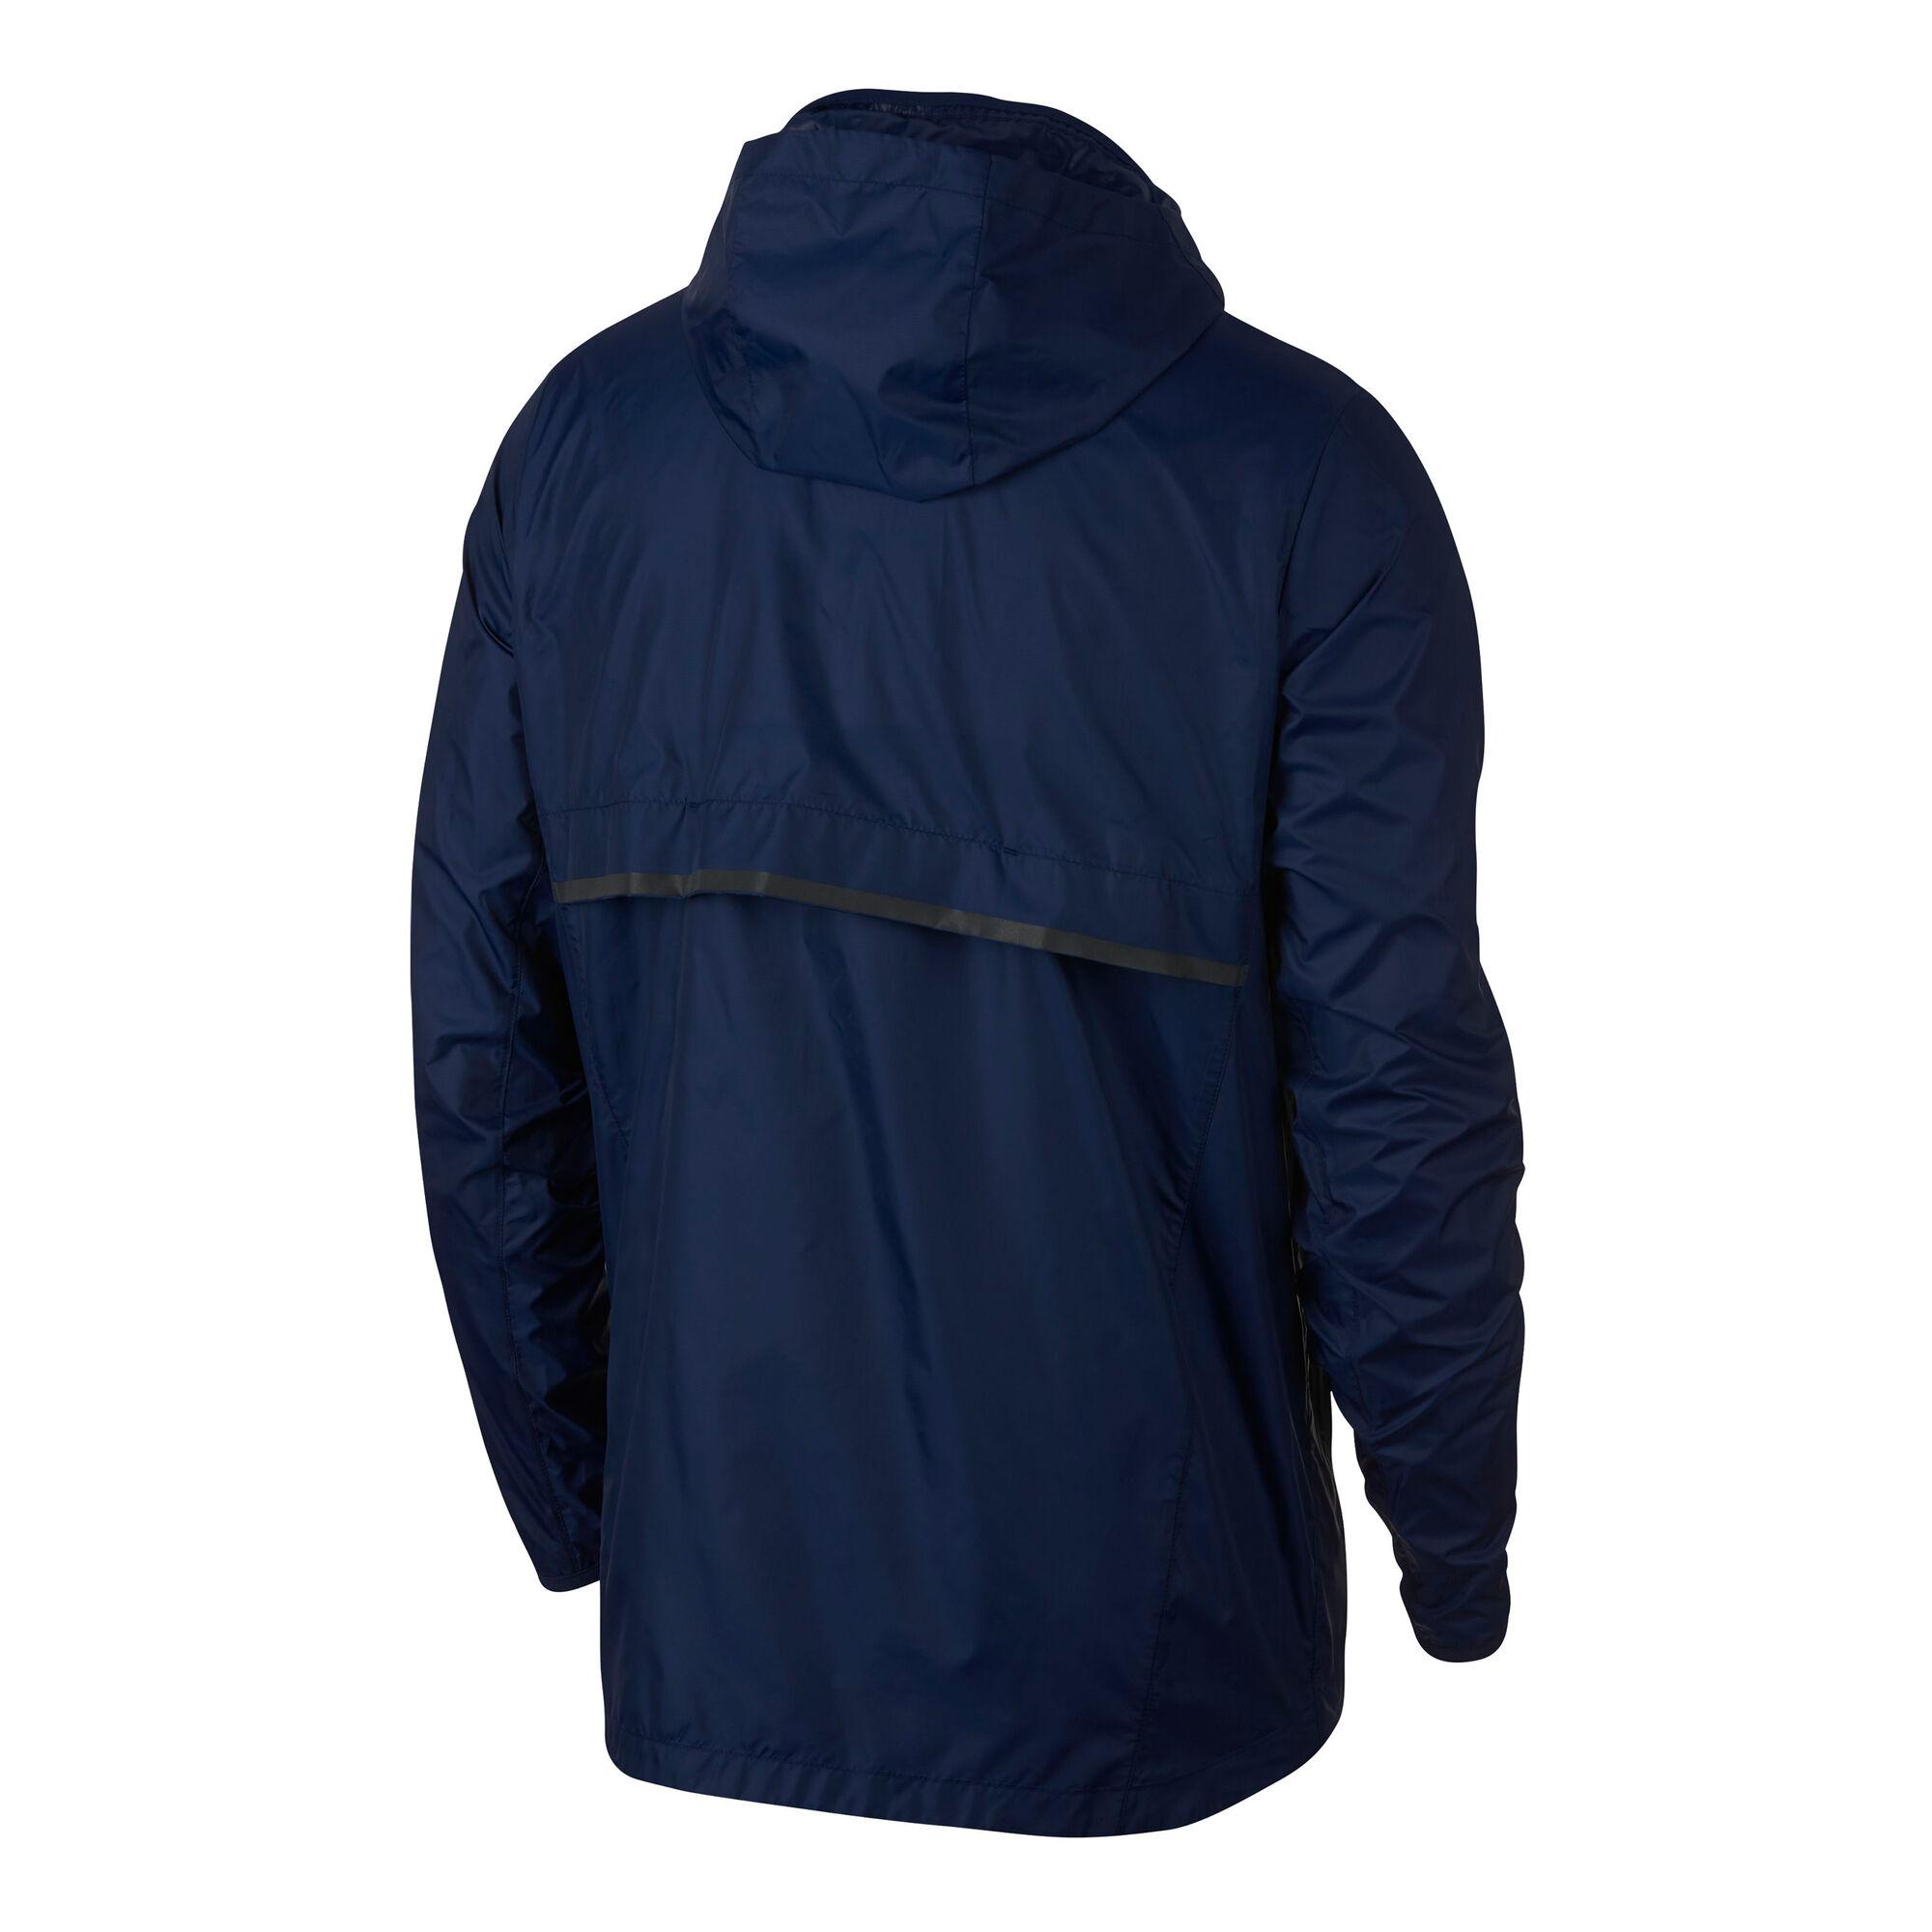 buy Nike Shield Running Jacket Men - Dark Blue 69d3354bb